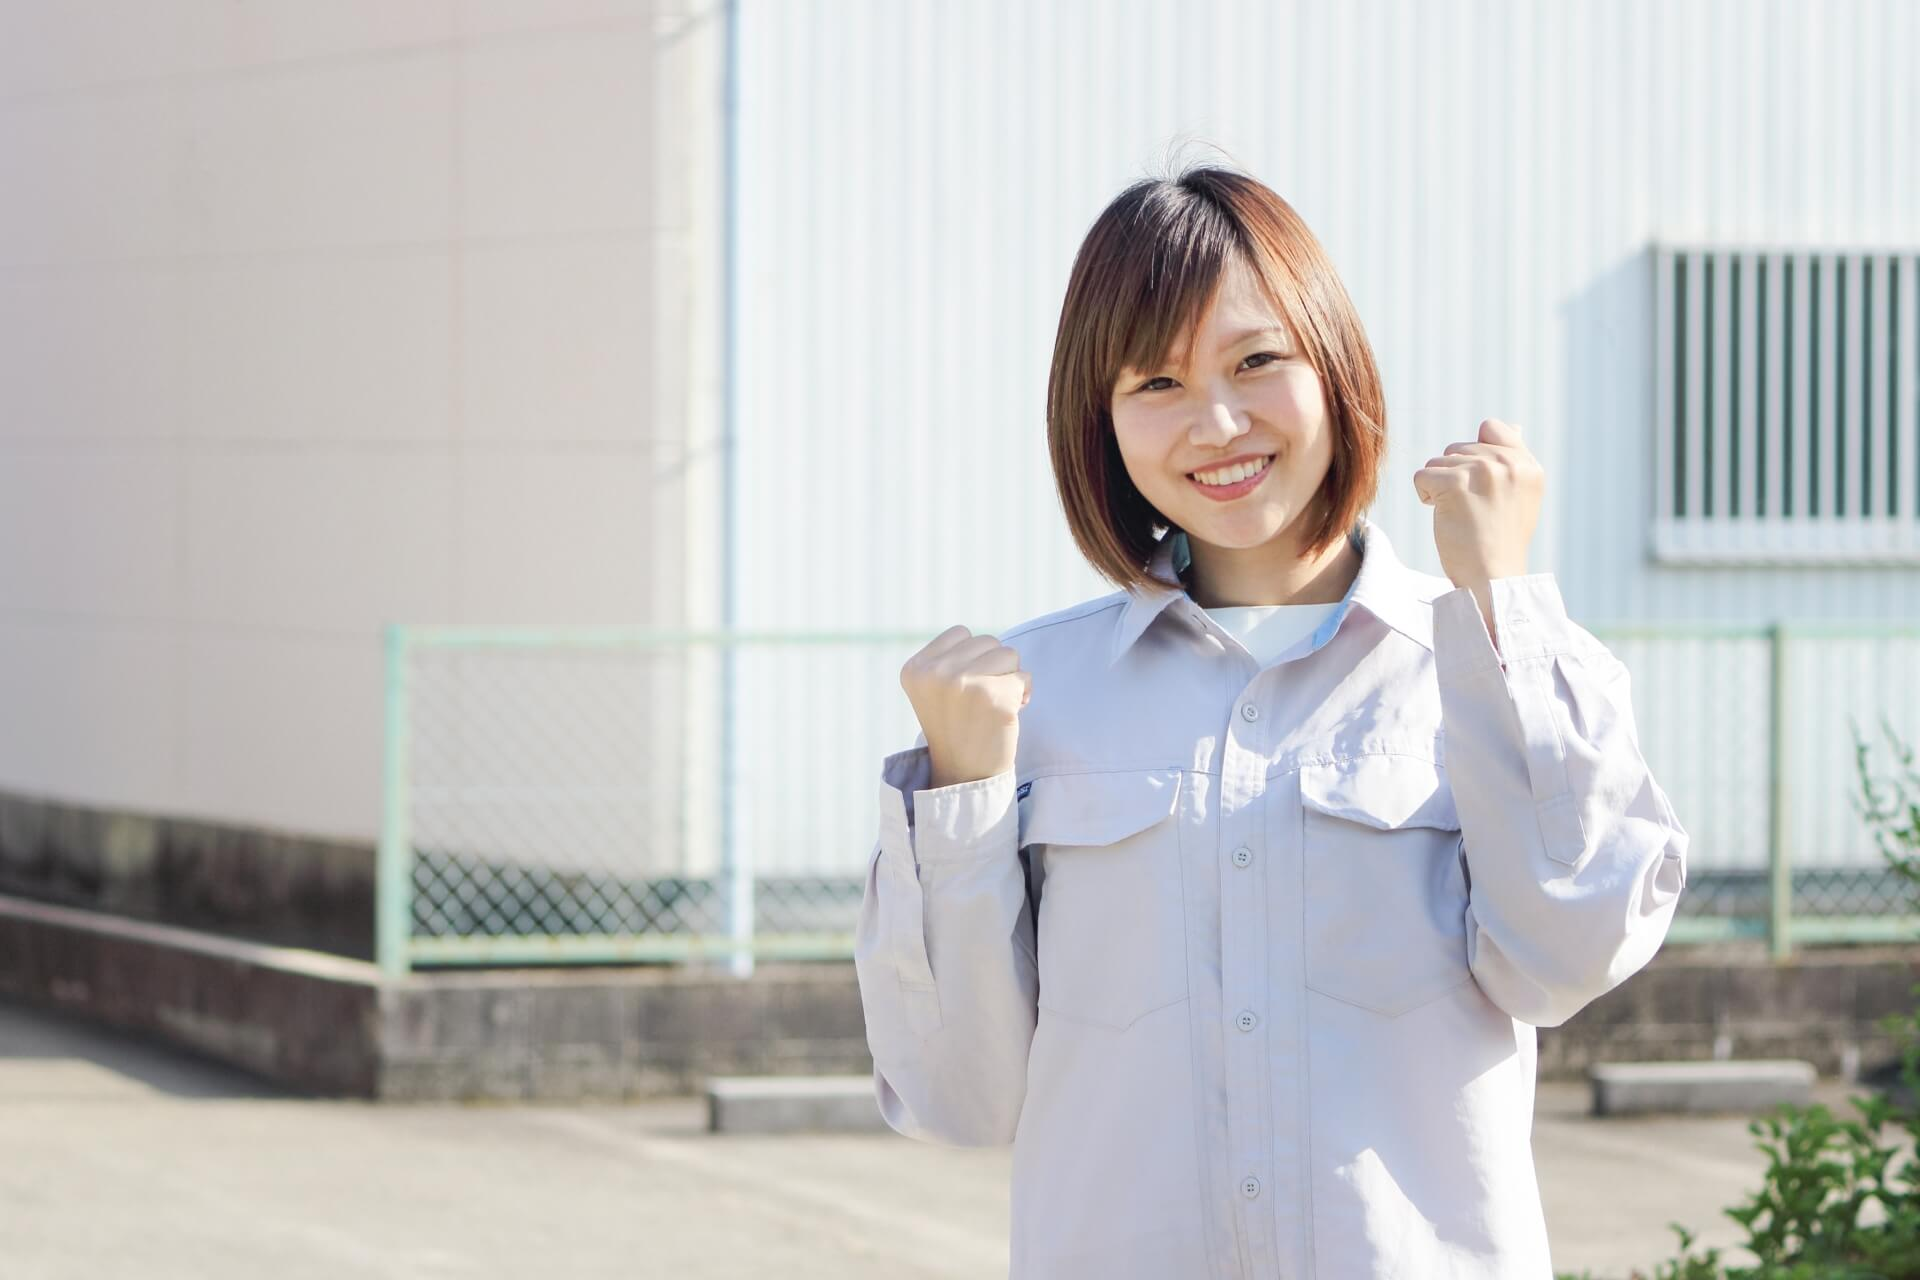 ガッツポーズする製造業の若い女性社員